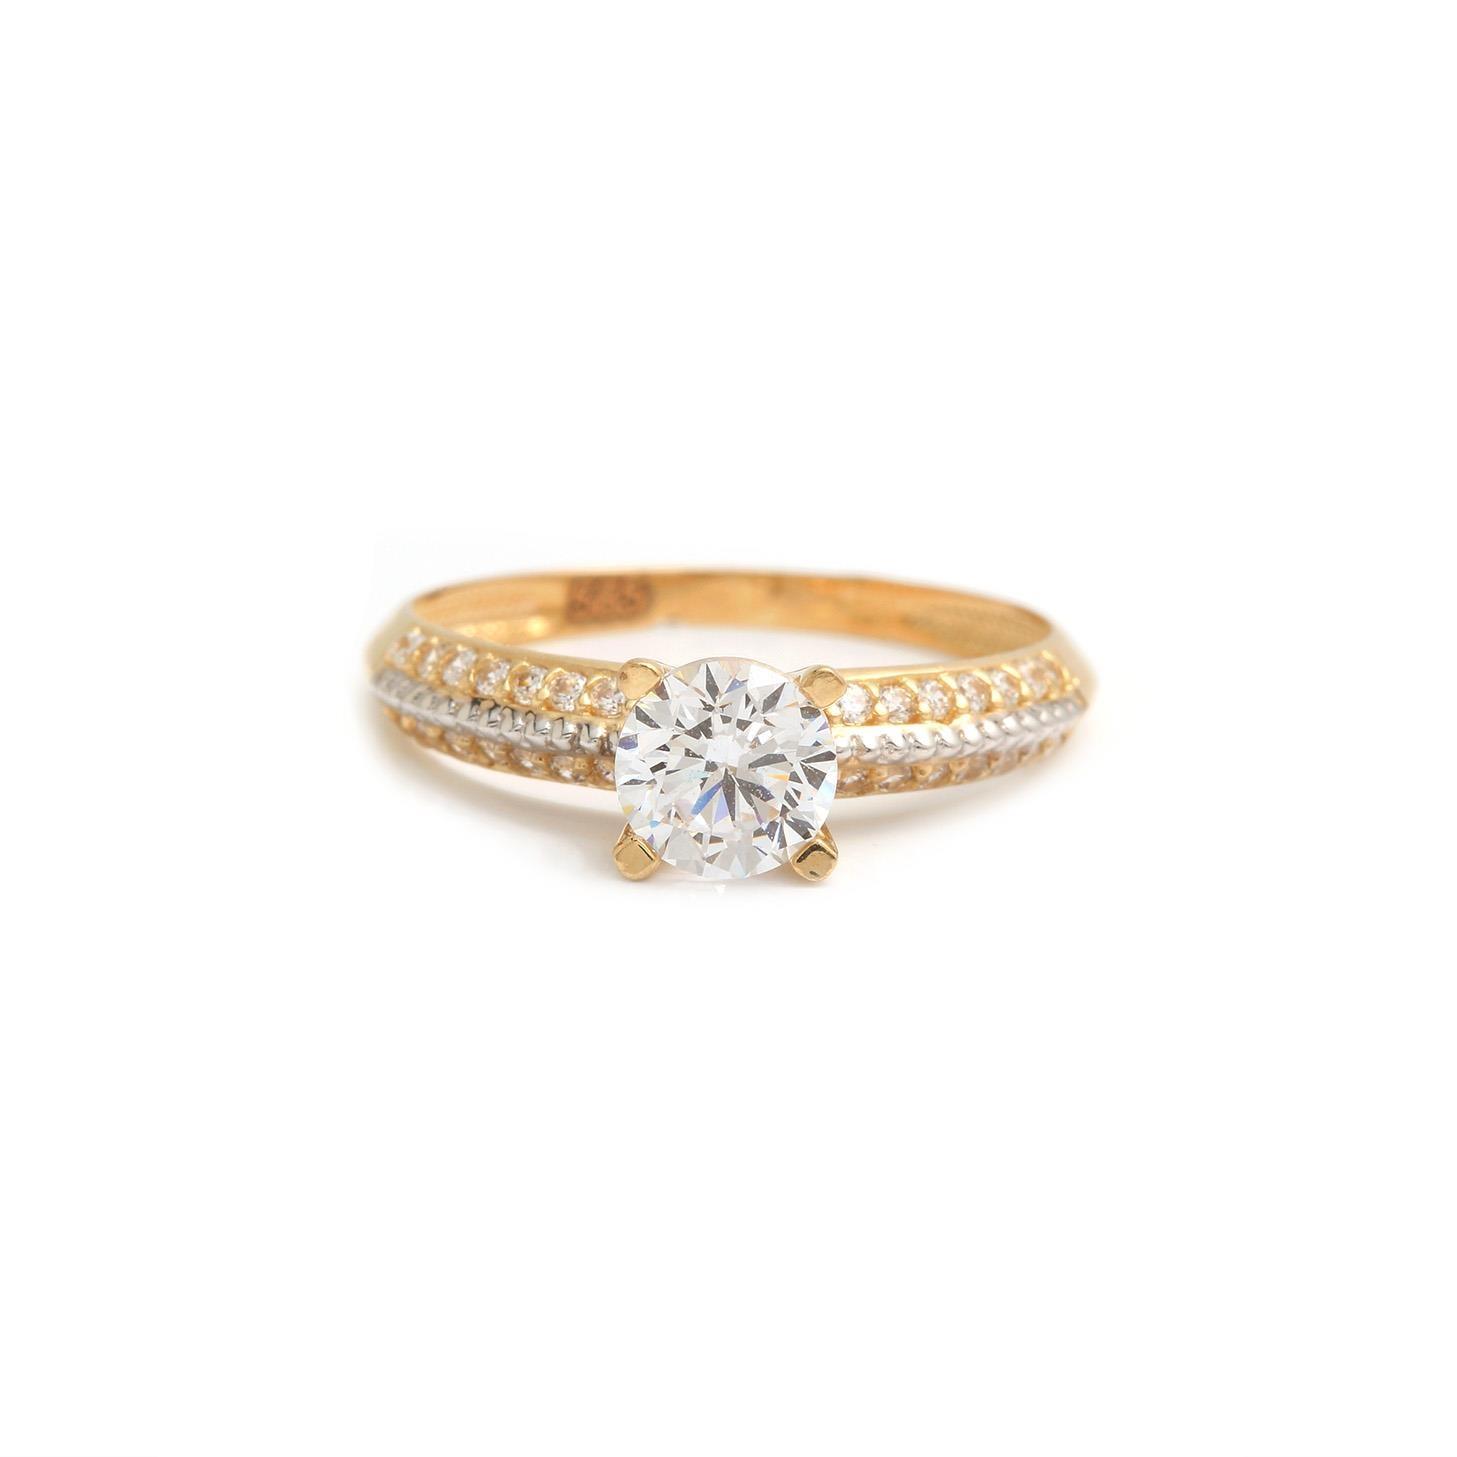 zlatý zásnubný prsteň xiomara zlatý zásnubný prsteň xiomara 1 ... 9e76a51b398